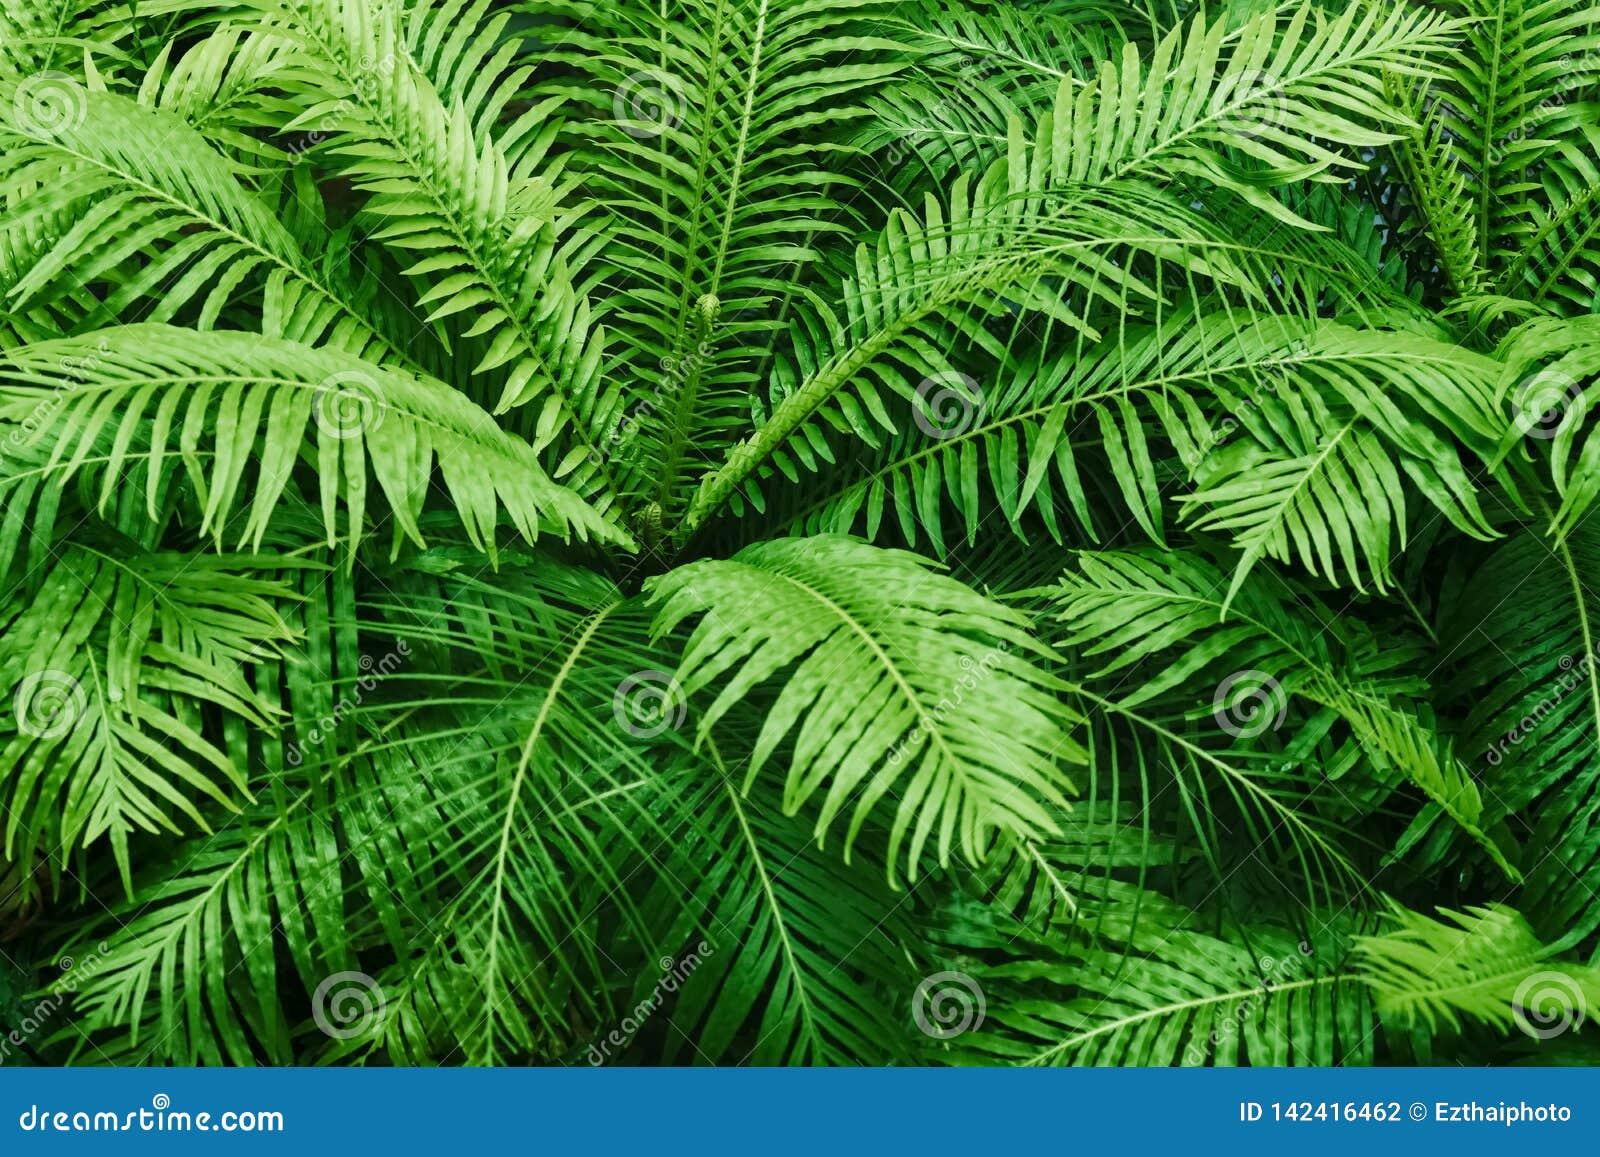 Teste padrão textured da samambaia natural A samambaia verde bonita sae do fundo Fundo tropical decorativo da floresta úmida da p